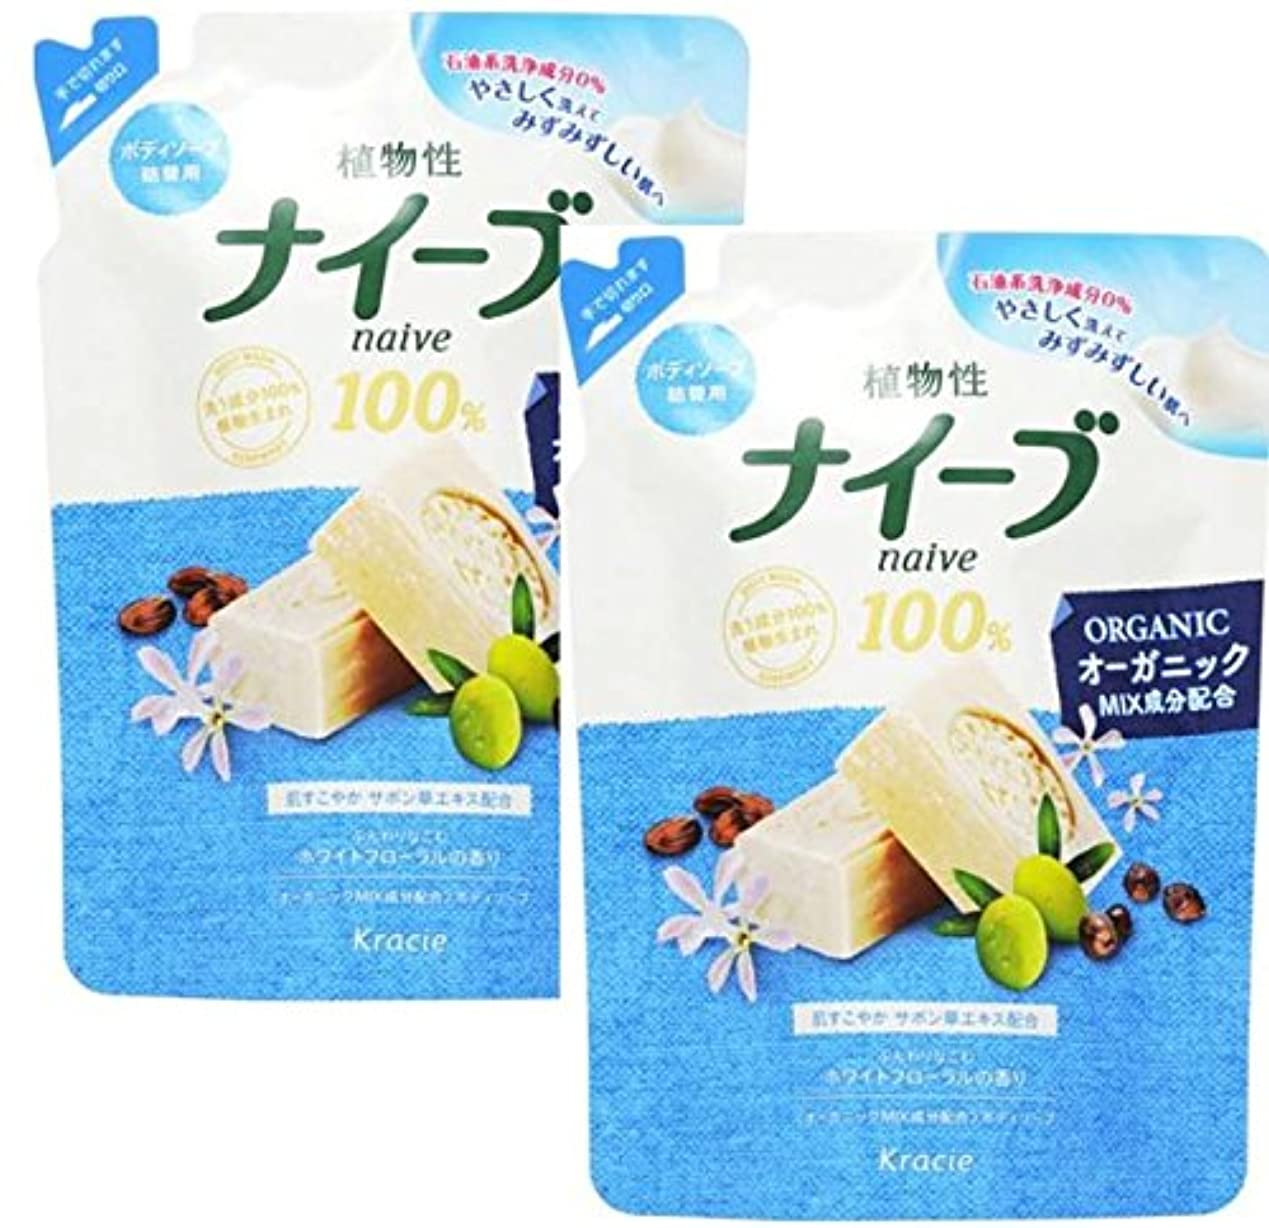 と専門補体ナイーブ ボディソープ サボン草エキス配合 詰替用 400ml / ホワイトフローラルの香り 【2点セット】